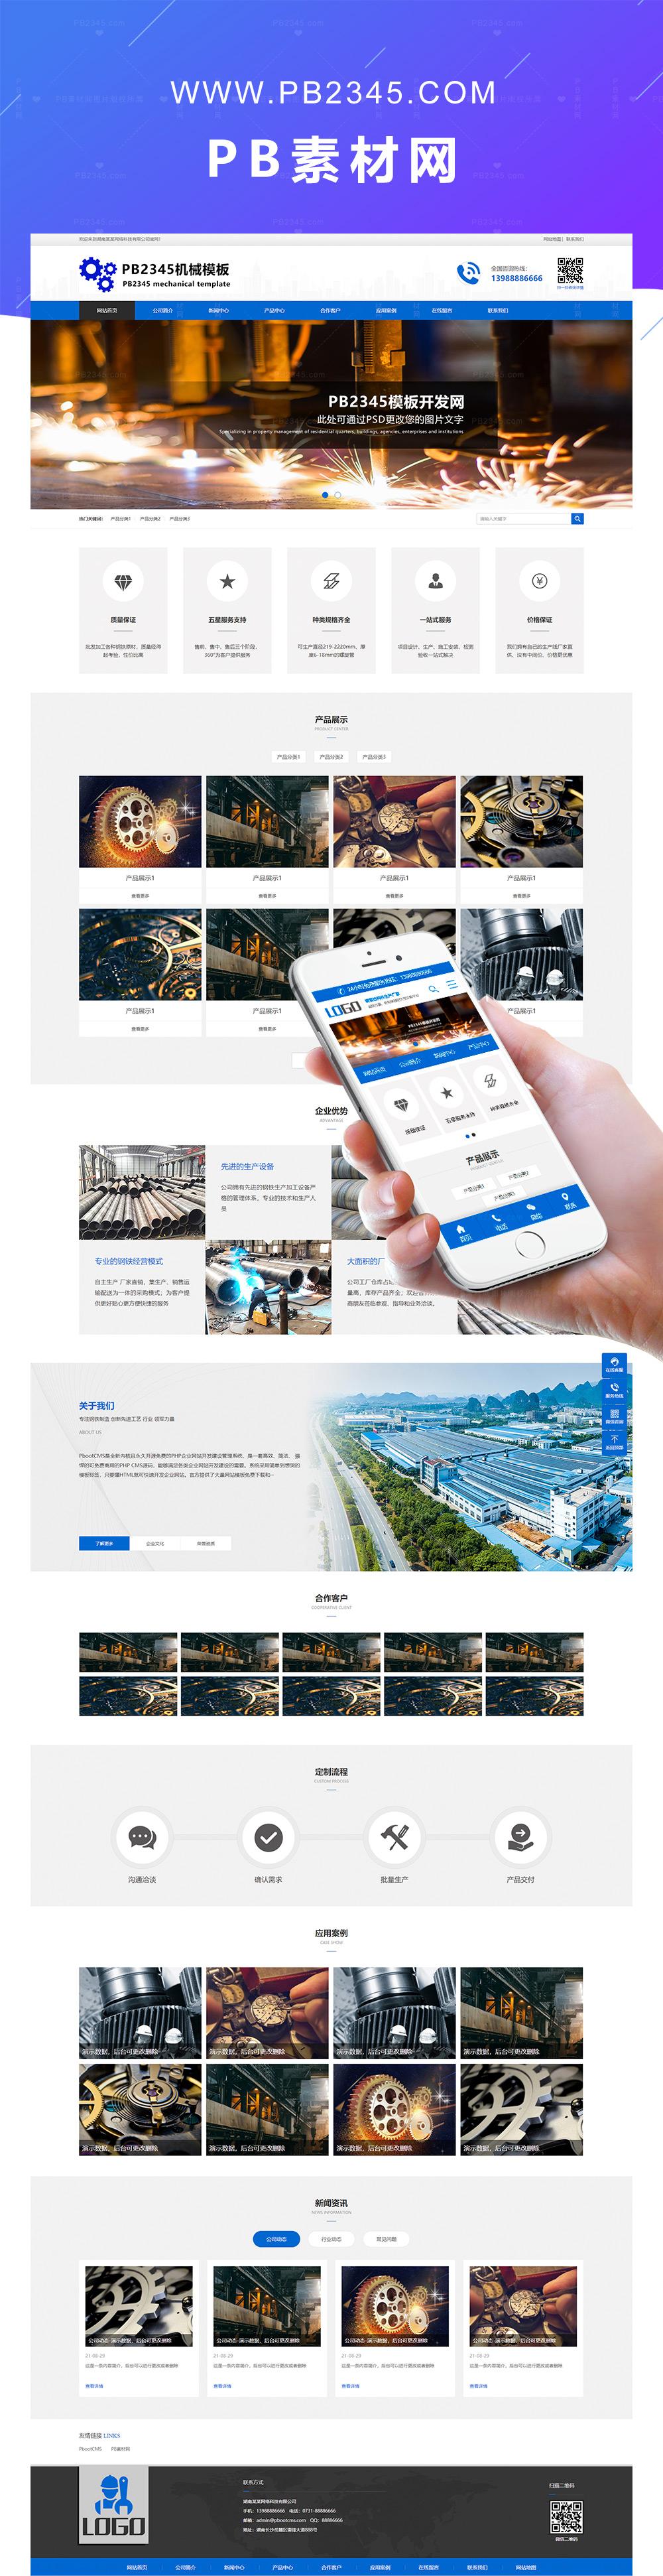 Pbootcms模板机械五金设备通用型企业网站源码带手机端